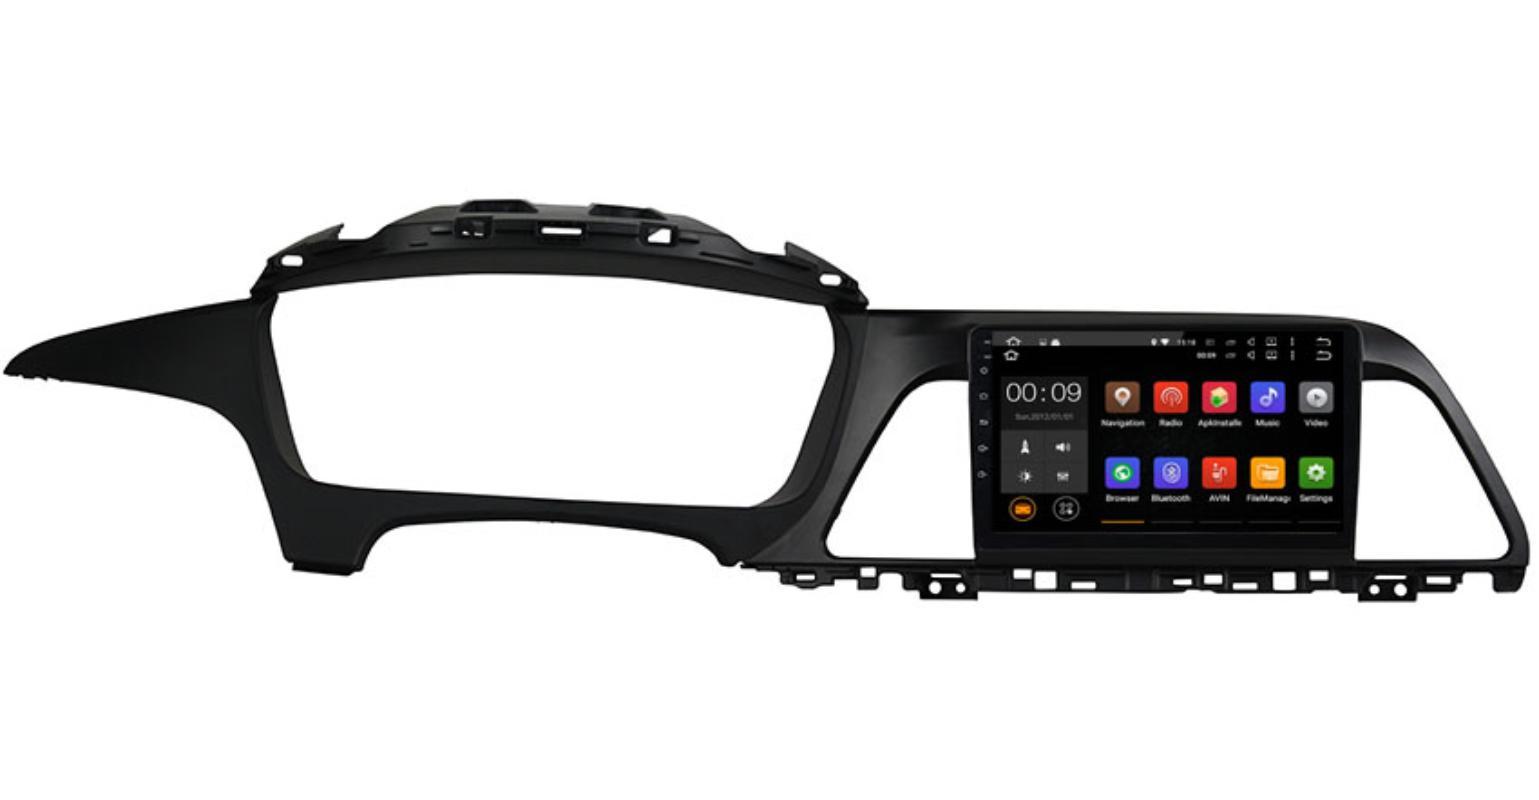 Штатная магнитола Roximo 4G RX-2028 для Hyundai Sonata 7 (+ Камера заднего вида в подарок!)